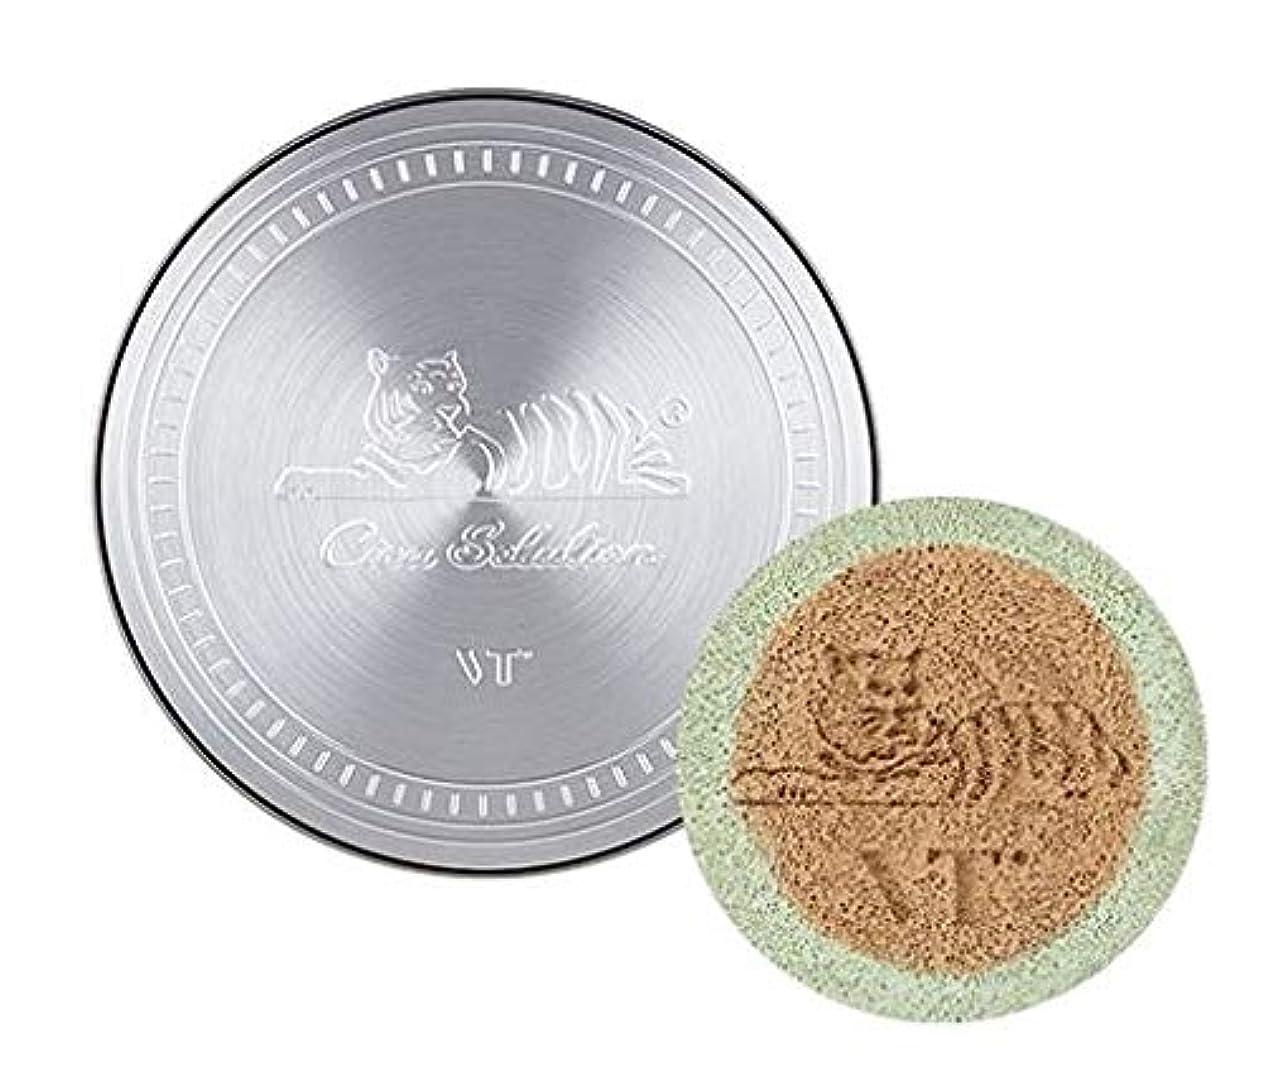 VT Cica Redness Cover Cushion /ドネスカバークッション本品14g+リフィル14g(#21号ライトベージュ) [並行輸入品]